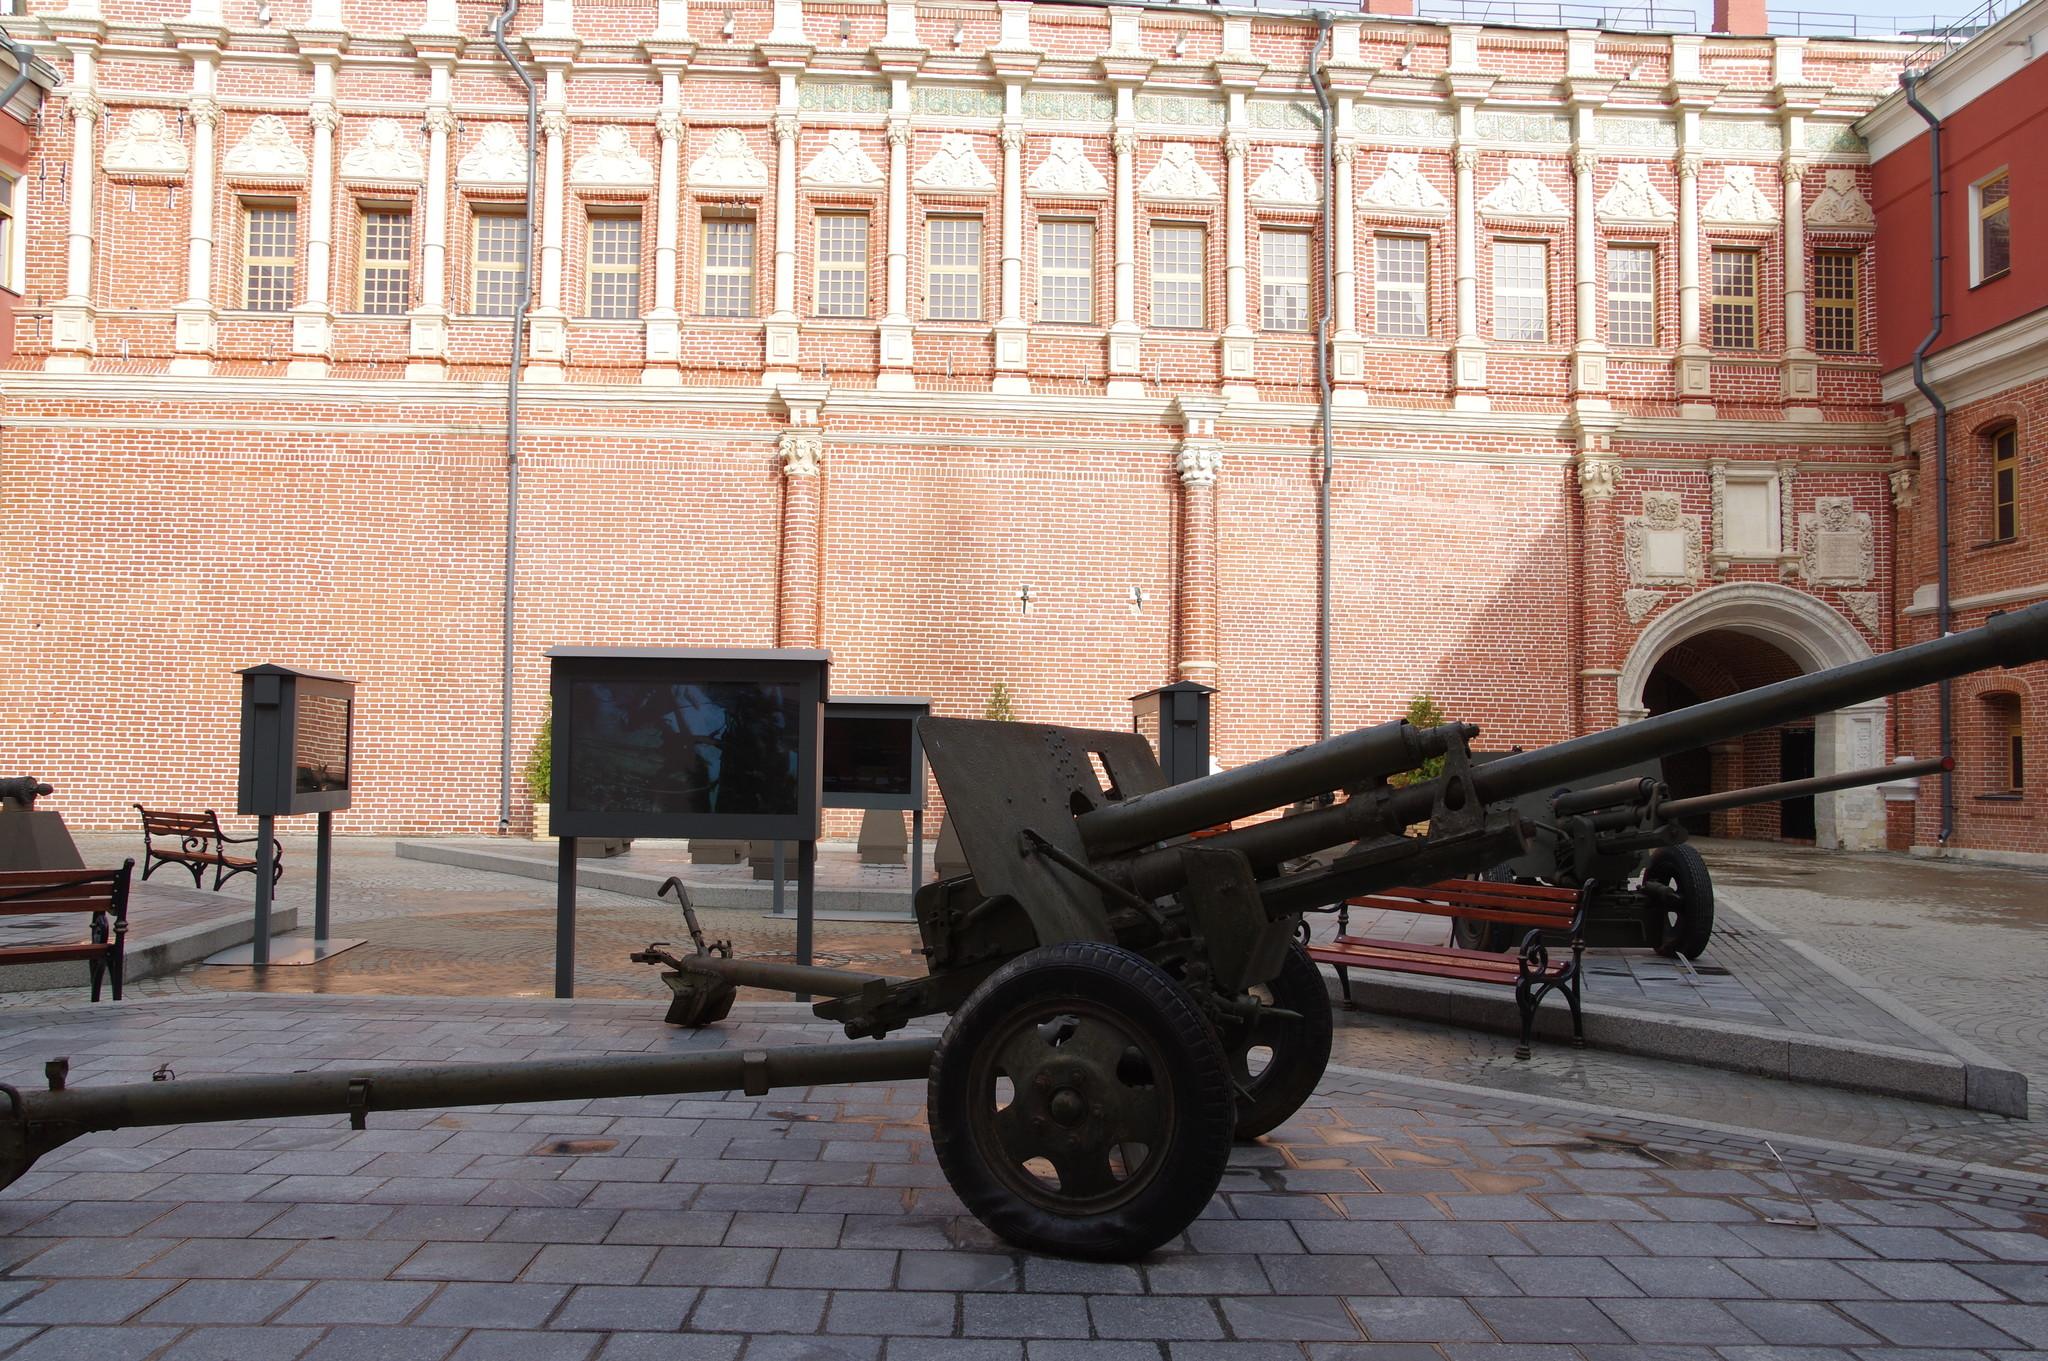 76-мм дивизионная пушка образца 1942 года (ЗИС-3) в экспозиции Исторического музея «Артиллерийский двор»